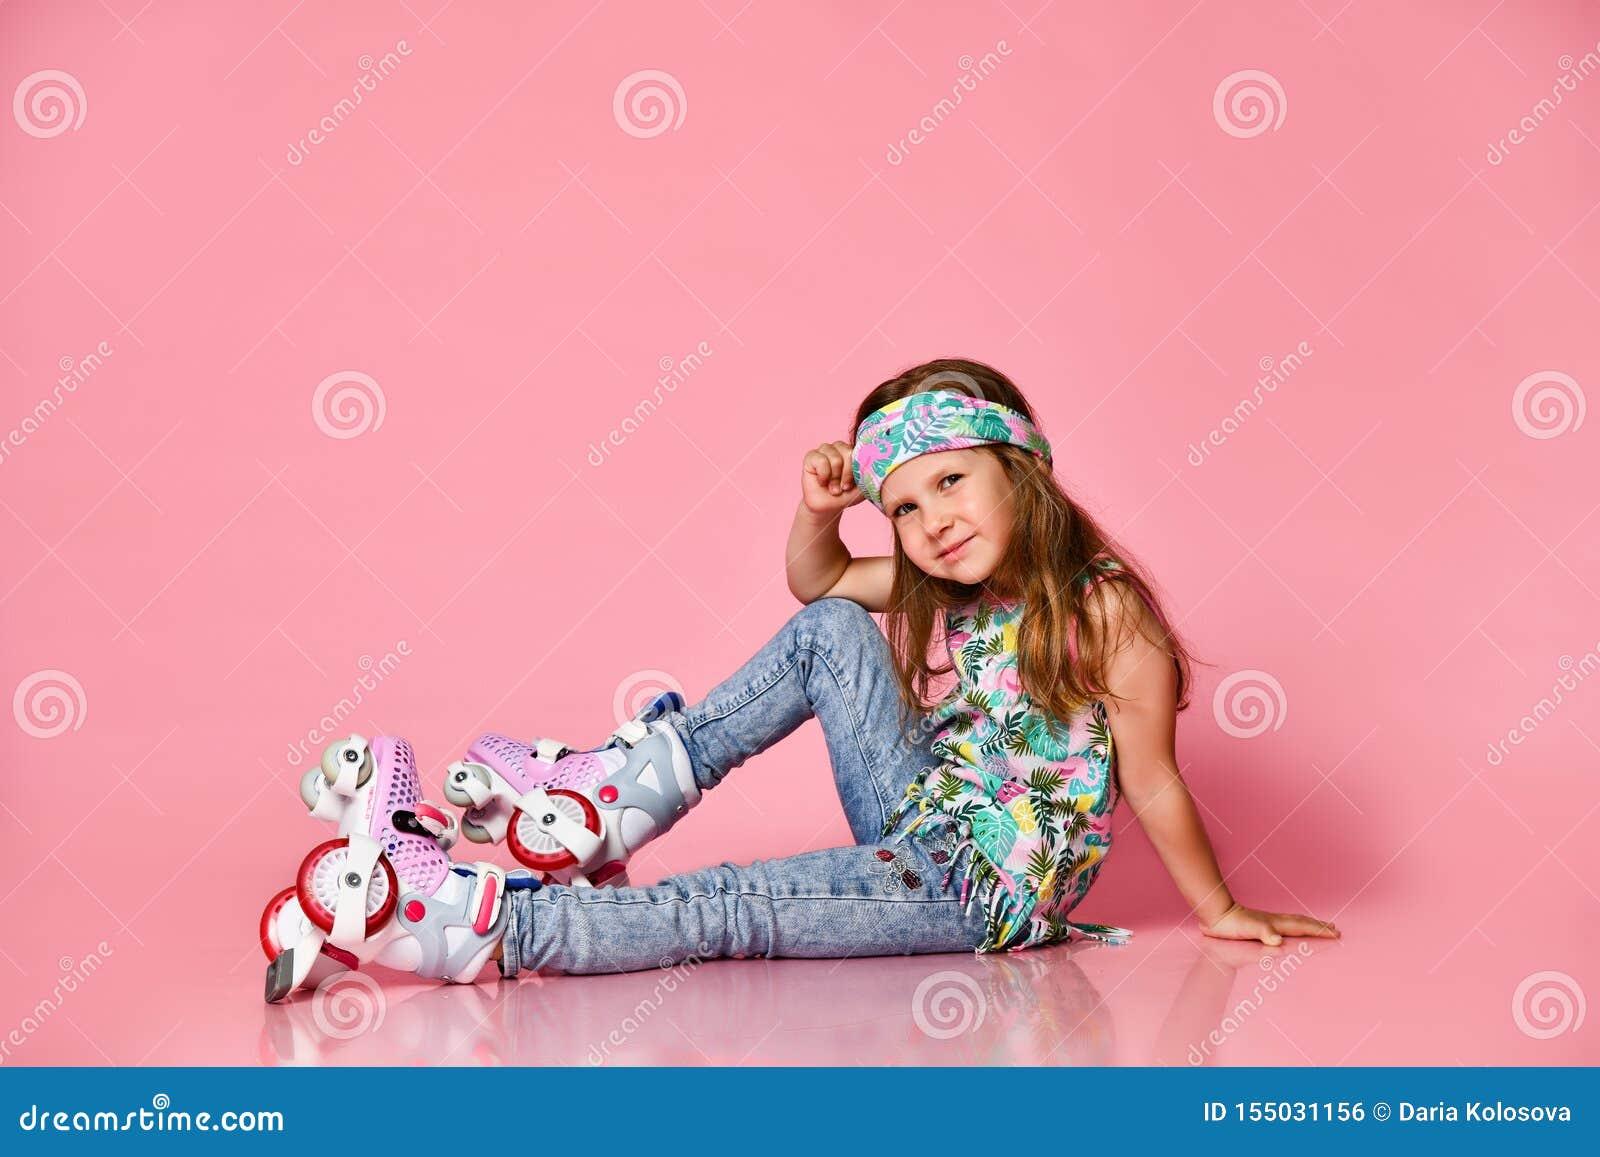 Mały dziecko blondynu dziecka obsiadanie z rolkowymi łyżwami w białej koszula hairband szczęśliwym uśmiechu na różowym pracownian